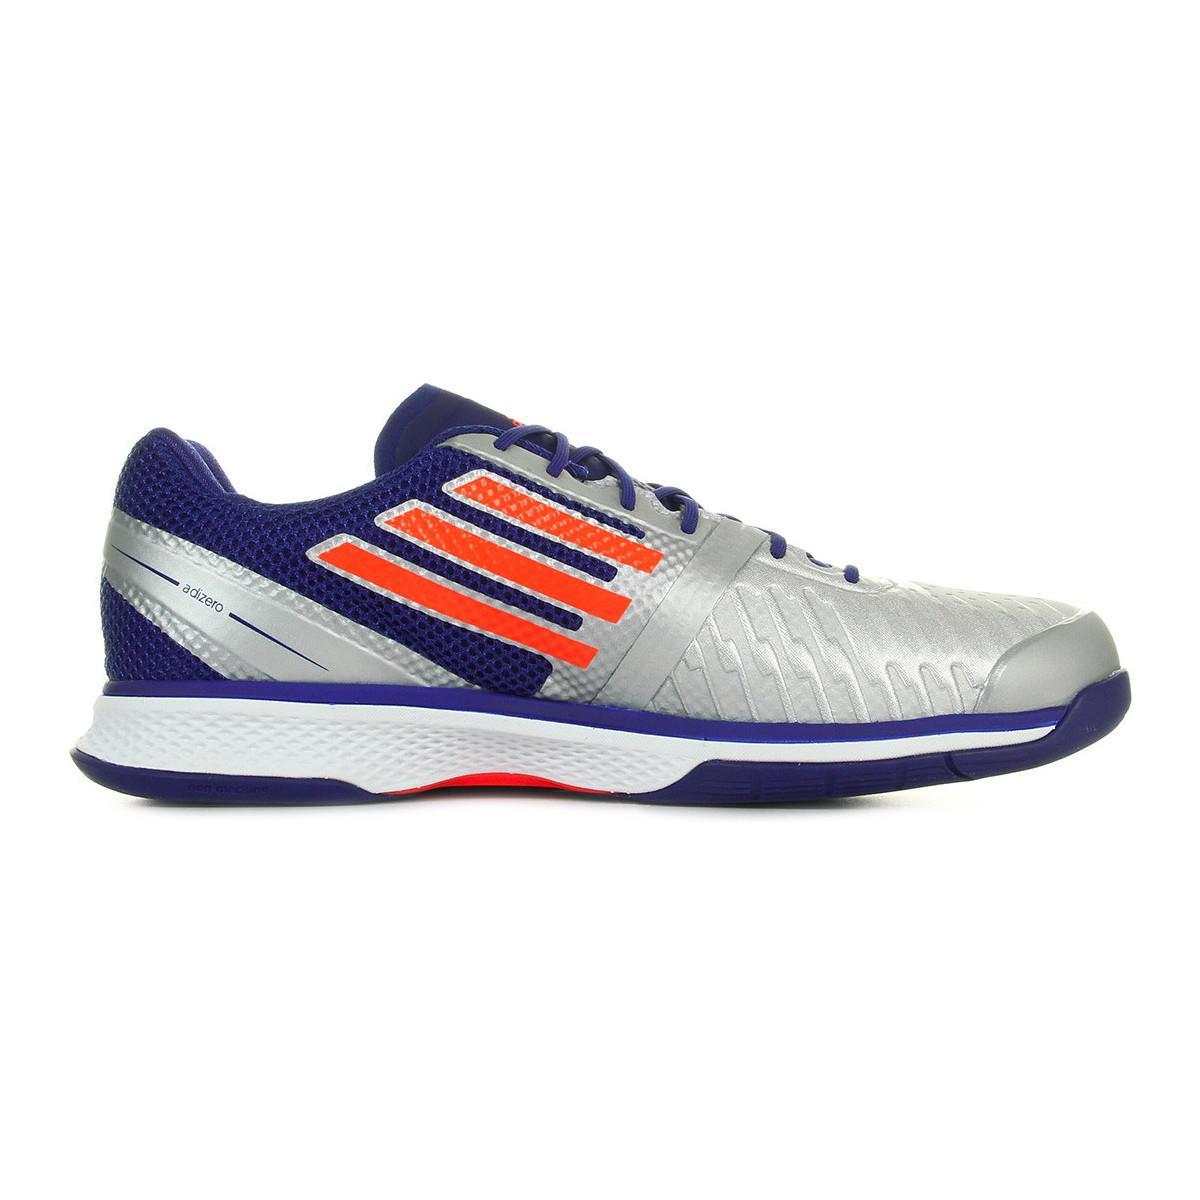 Hommes Counterblast Adizero 7 Pour Chaussures Argenté Adidas En QrsCxtdh